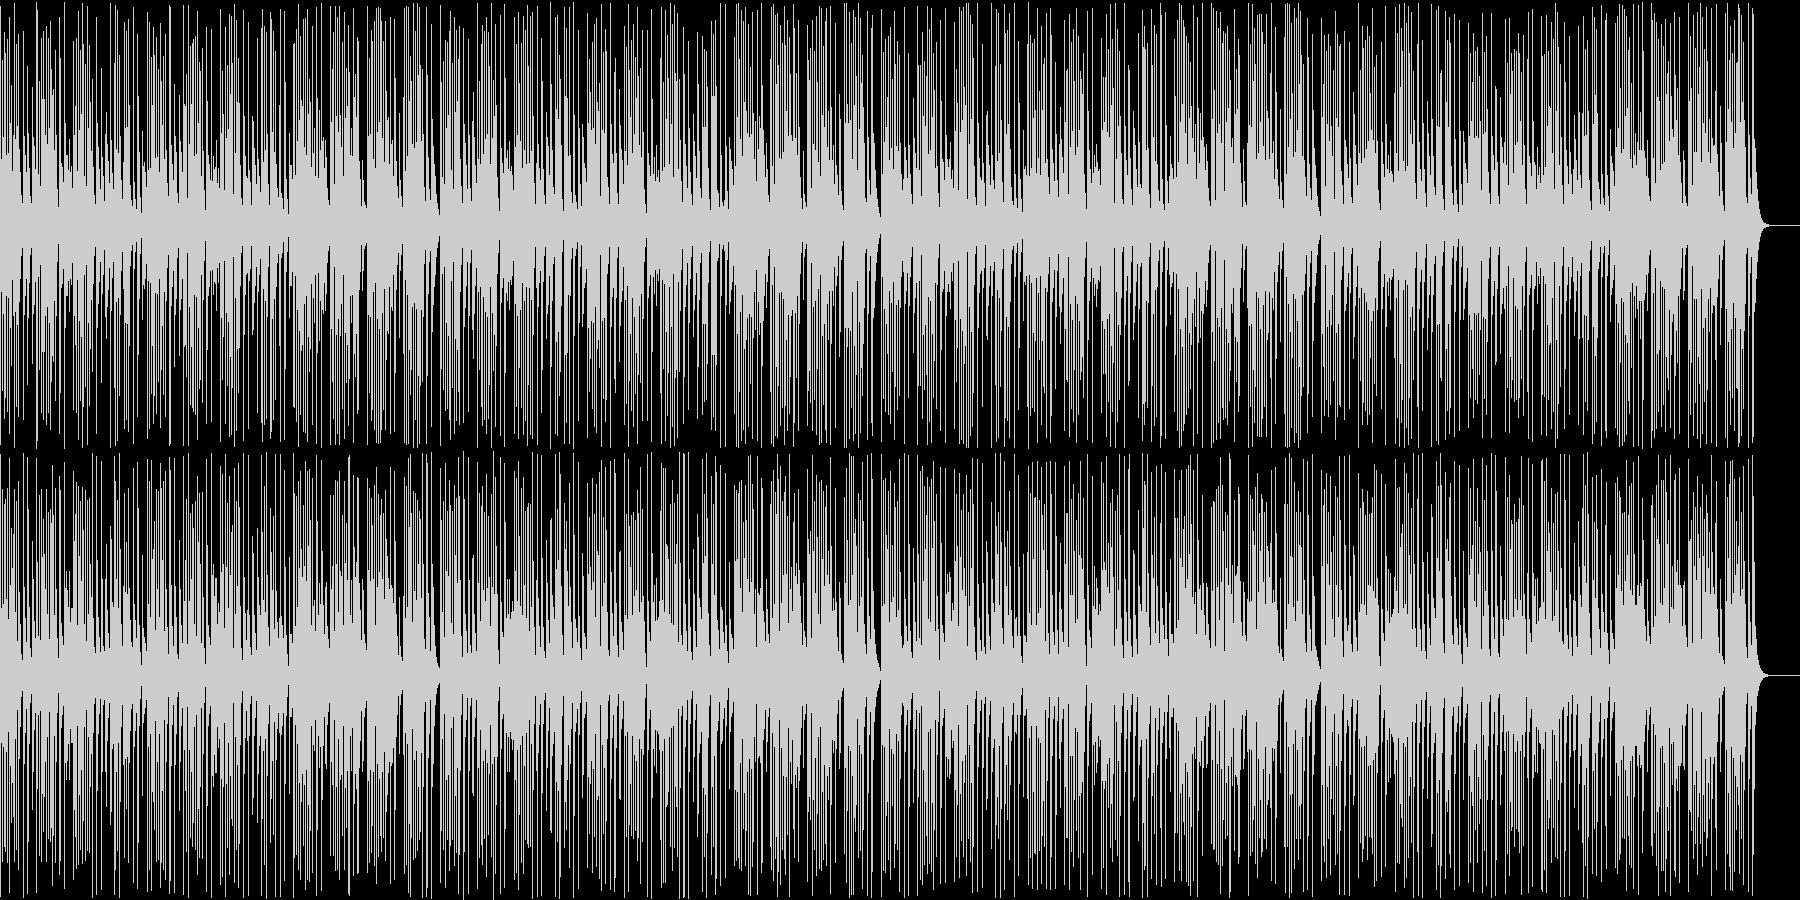 木琴がコミカルで可愛い名曲ガヴォットの未再生の波形